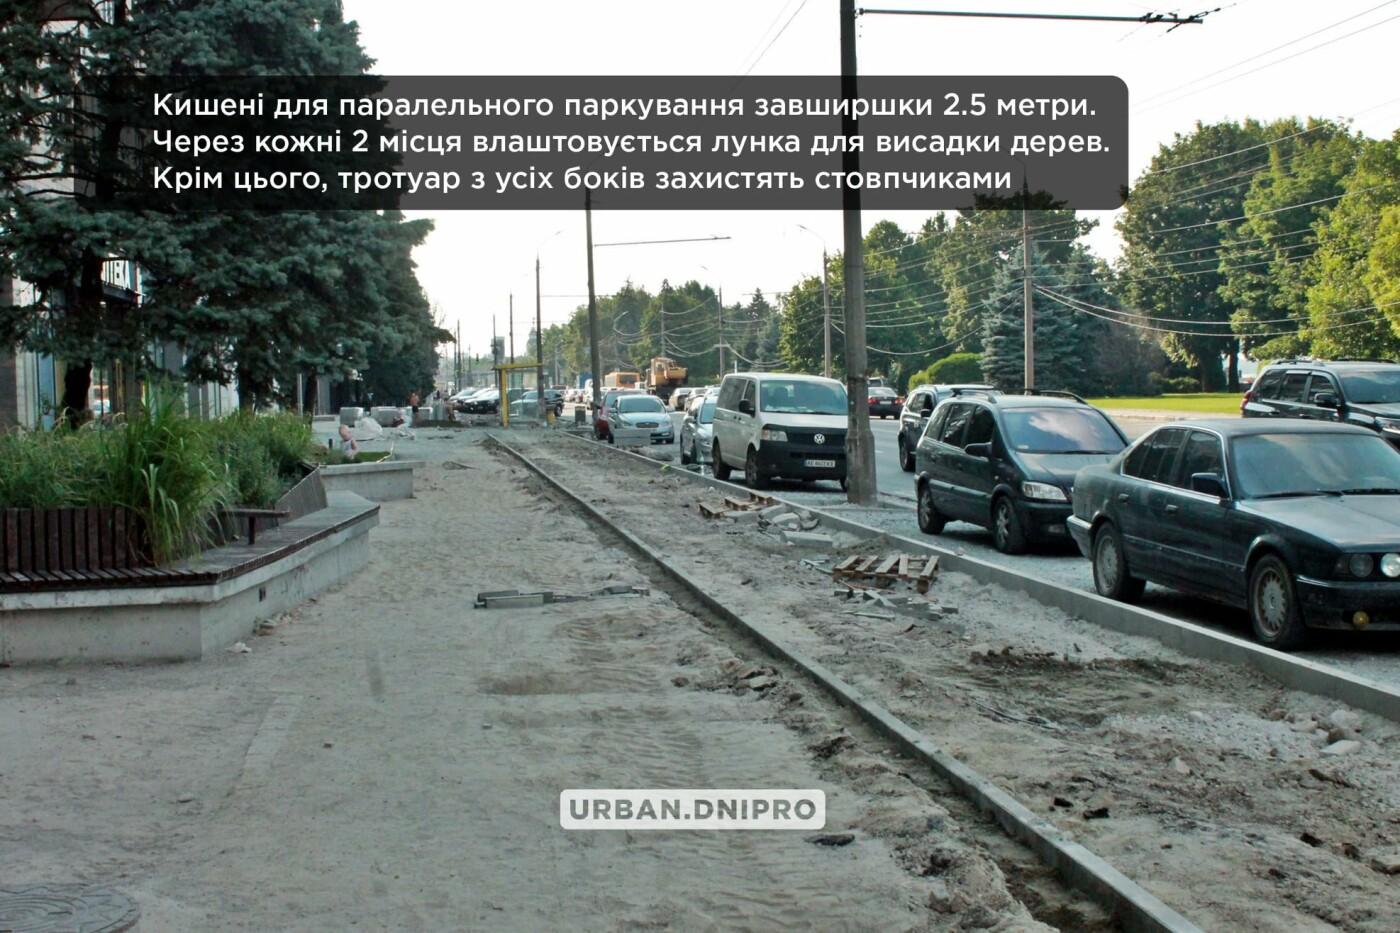 Новая парковка и велодорожка: в Днепре меняется набережная, - ФОТО, фото-3